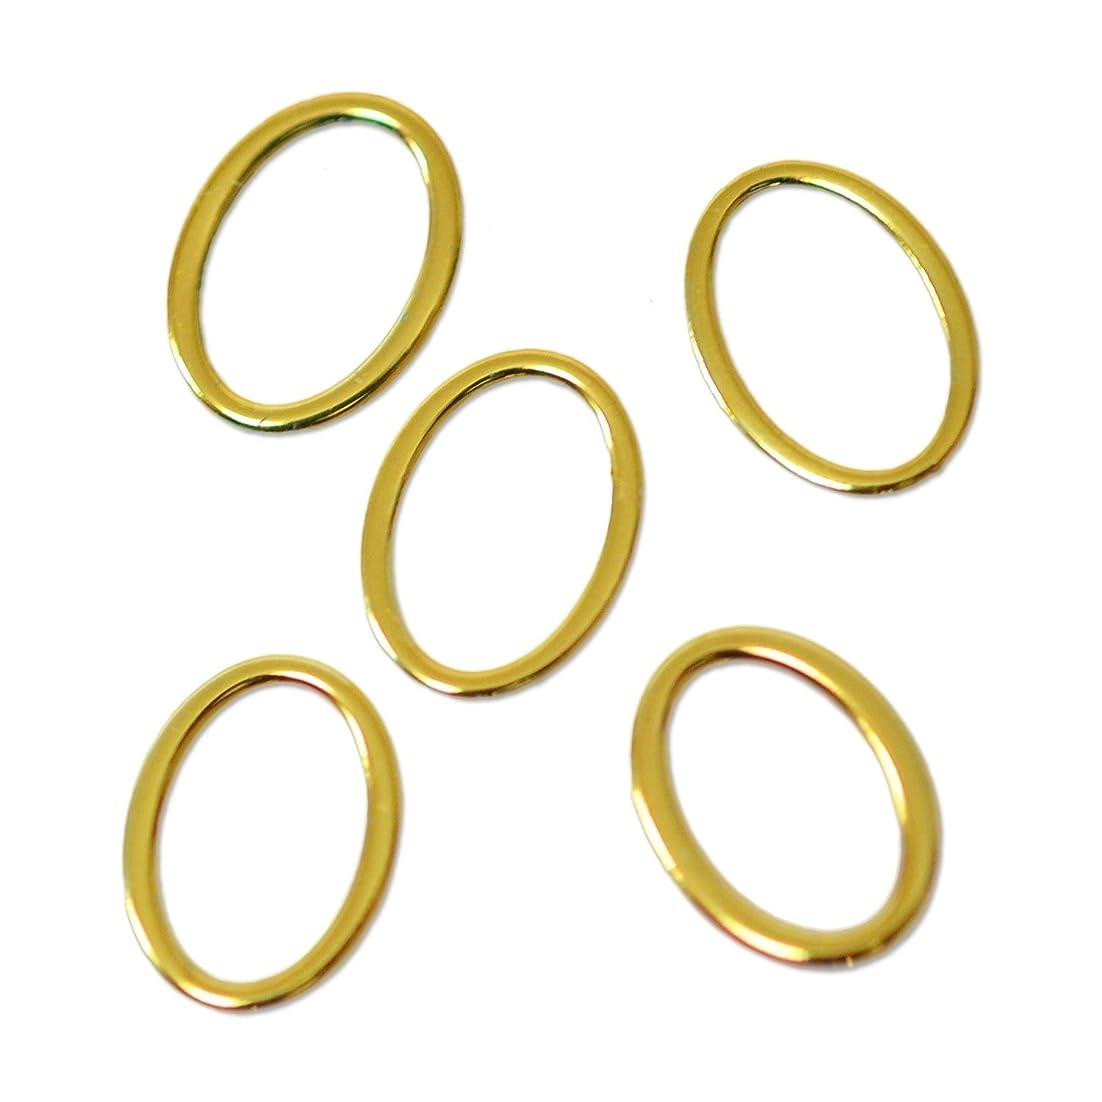 人に関する限り盗難上院薄型メタルパーツ10010 オーバル 楕円形  外寸約4×6mm/内寸約3×5mm ゴールド 20個入り 片面仕上げ